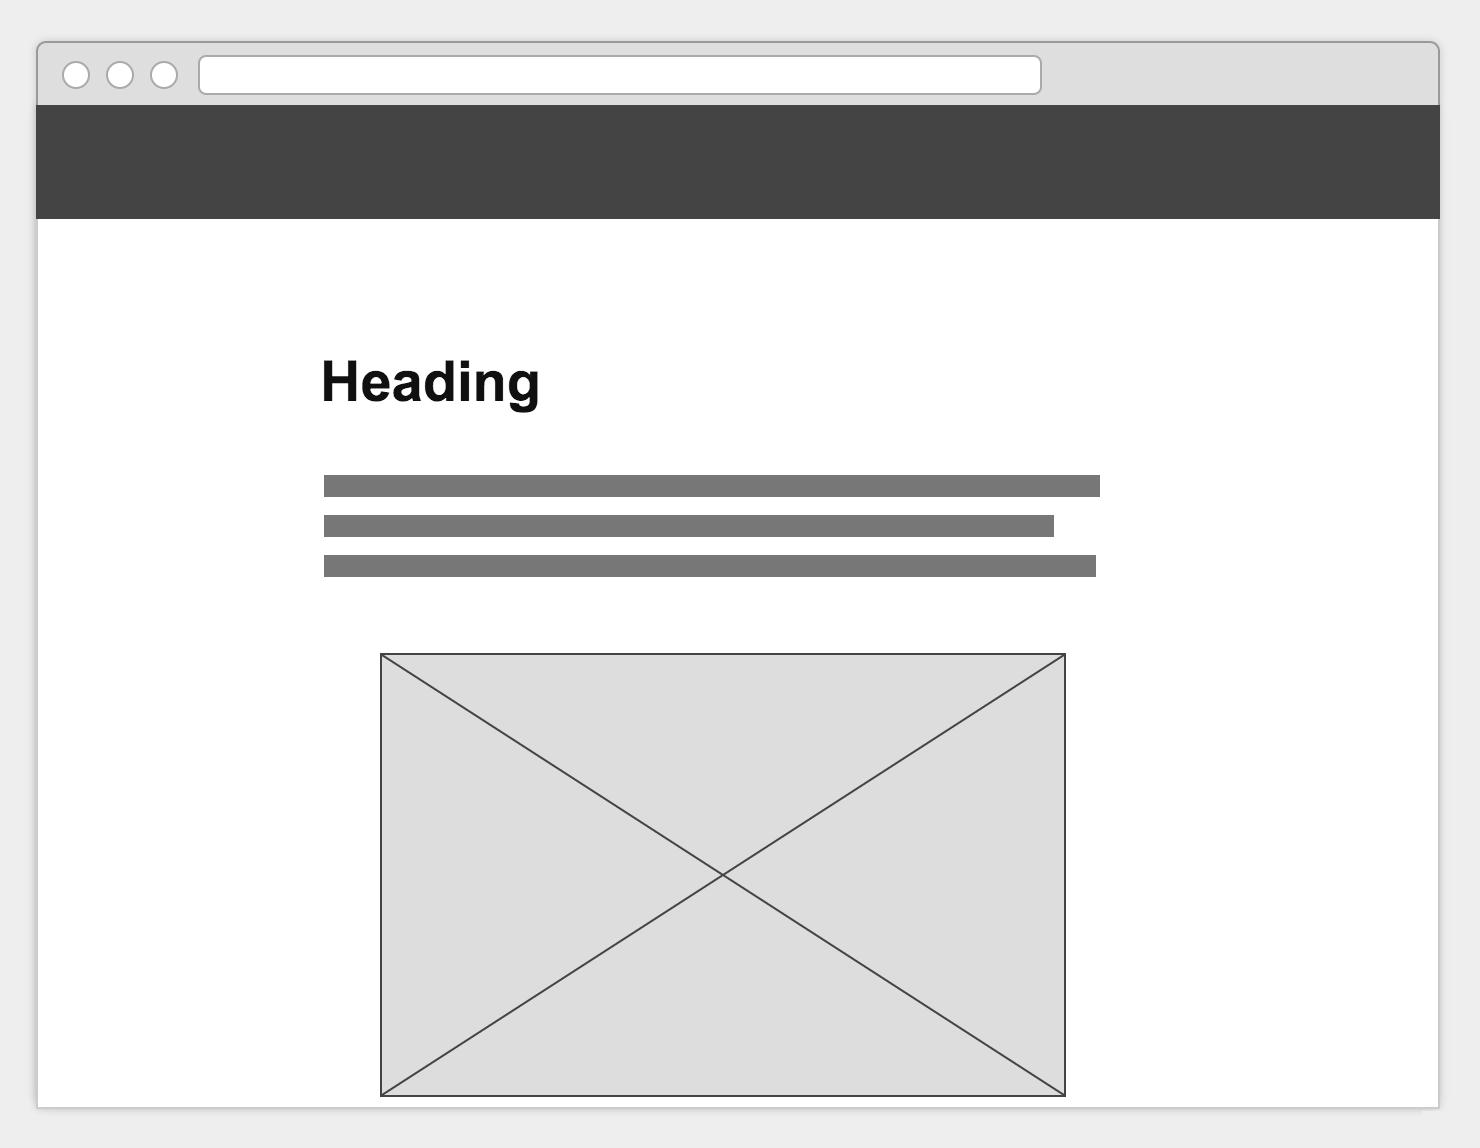 ヘッダー (ナビゲーションバー) が固定表示されたウェブページのイメージ